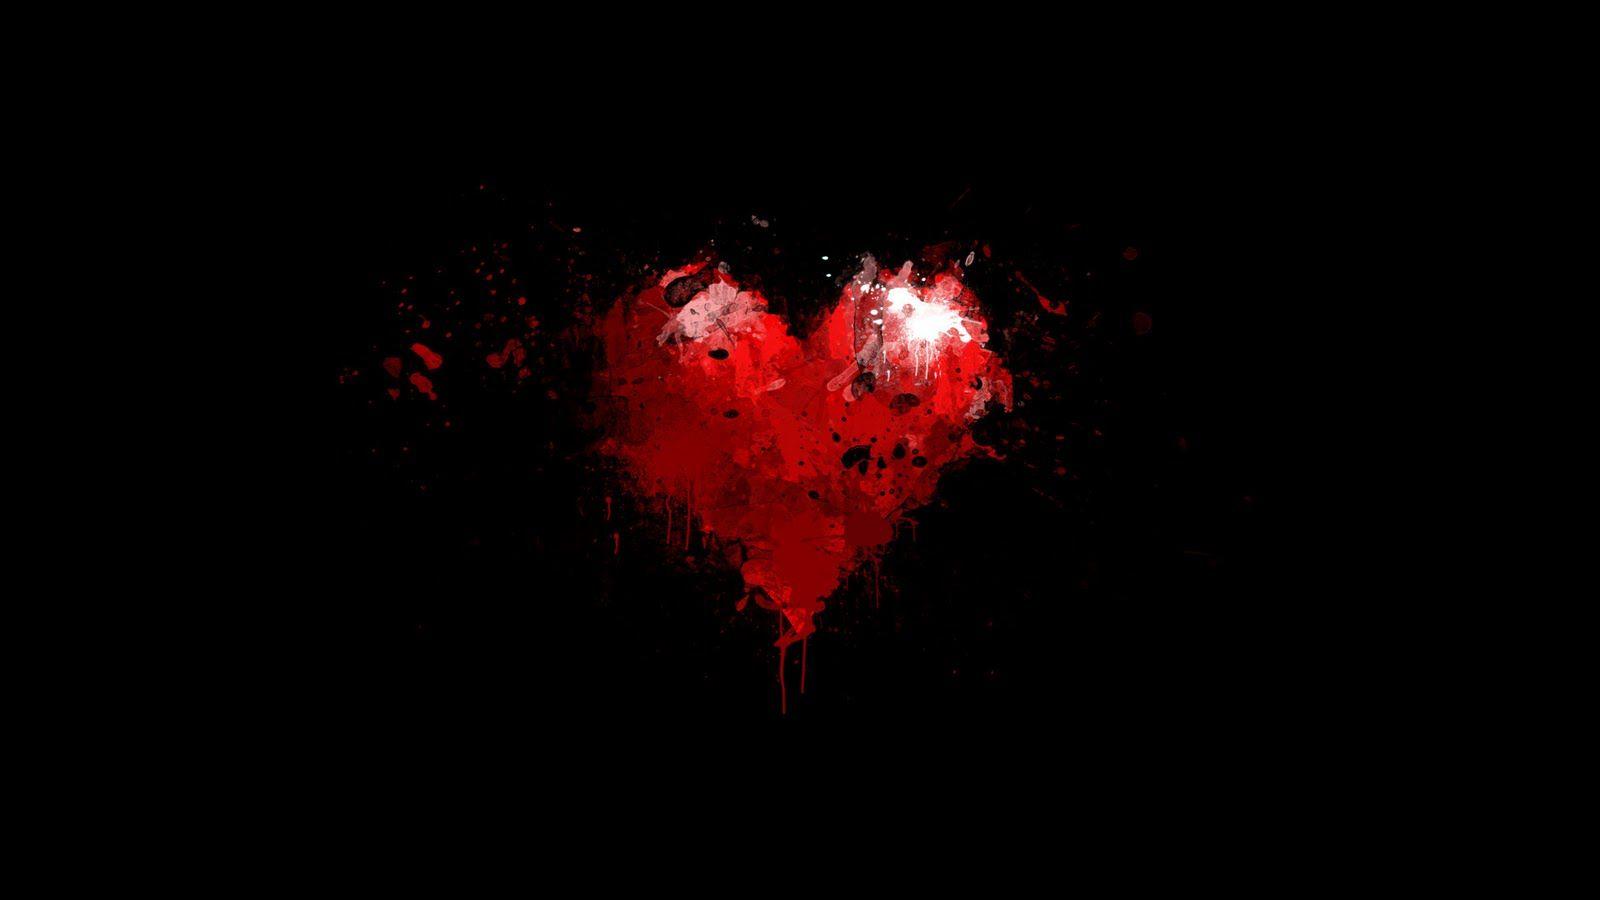 Minimalism Black Red Heart Paint Drop HD Love Wallpaper